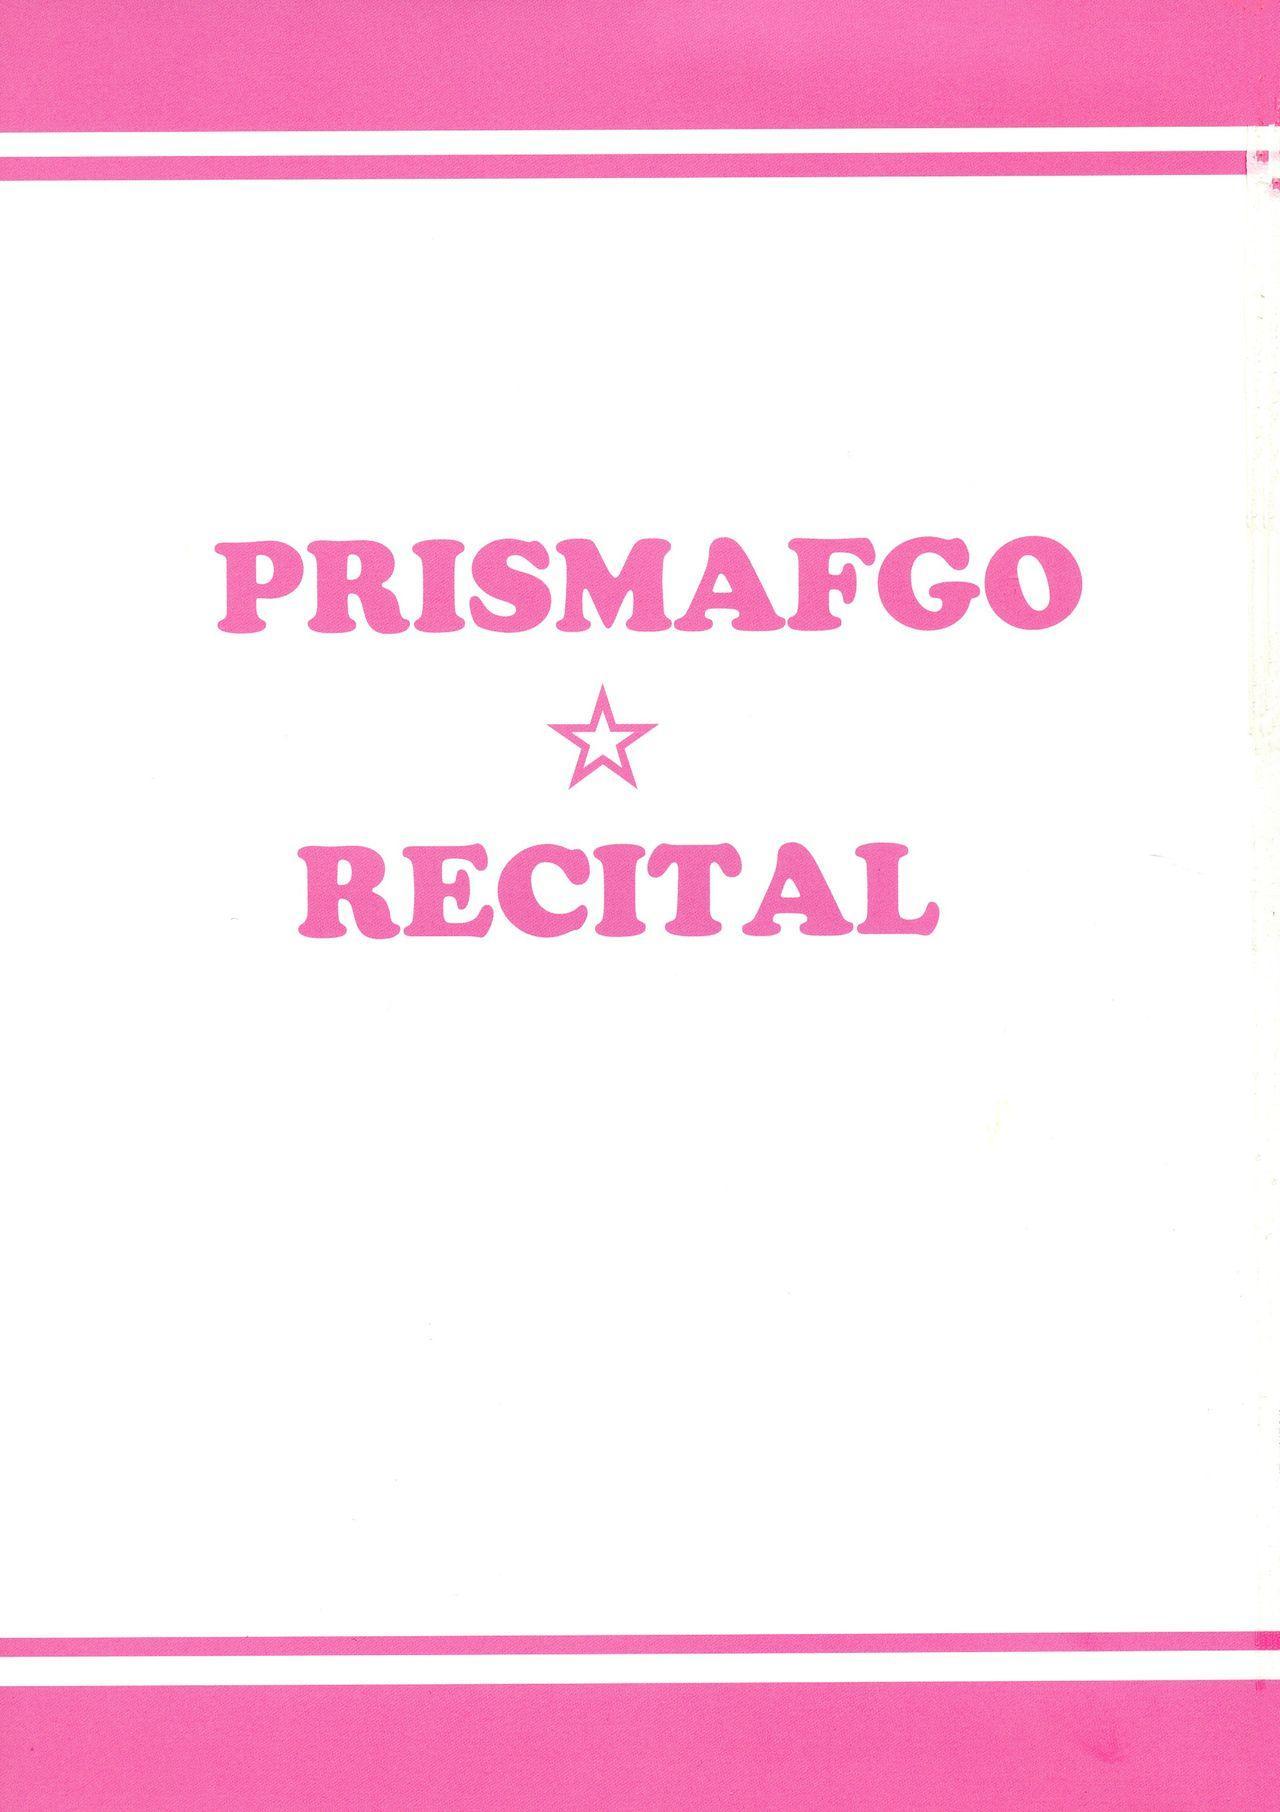 PRISMAFGO RECITAL 2